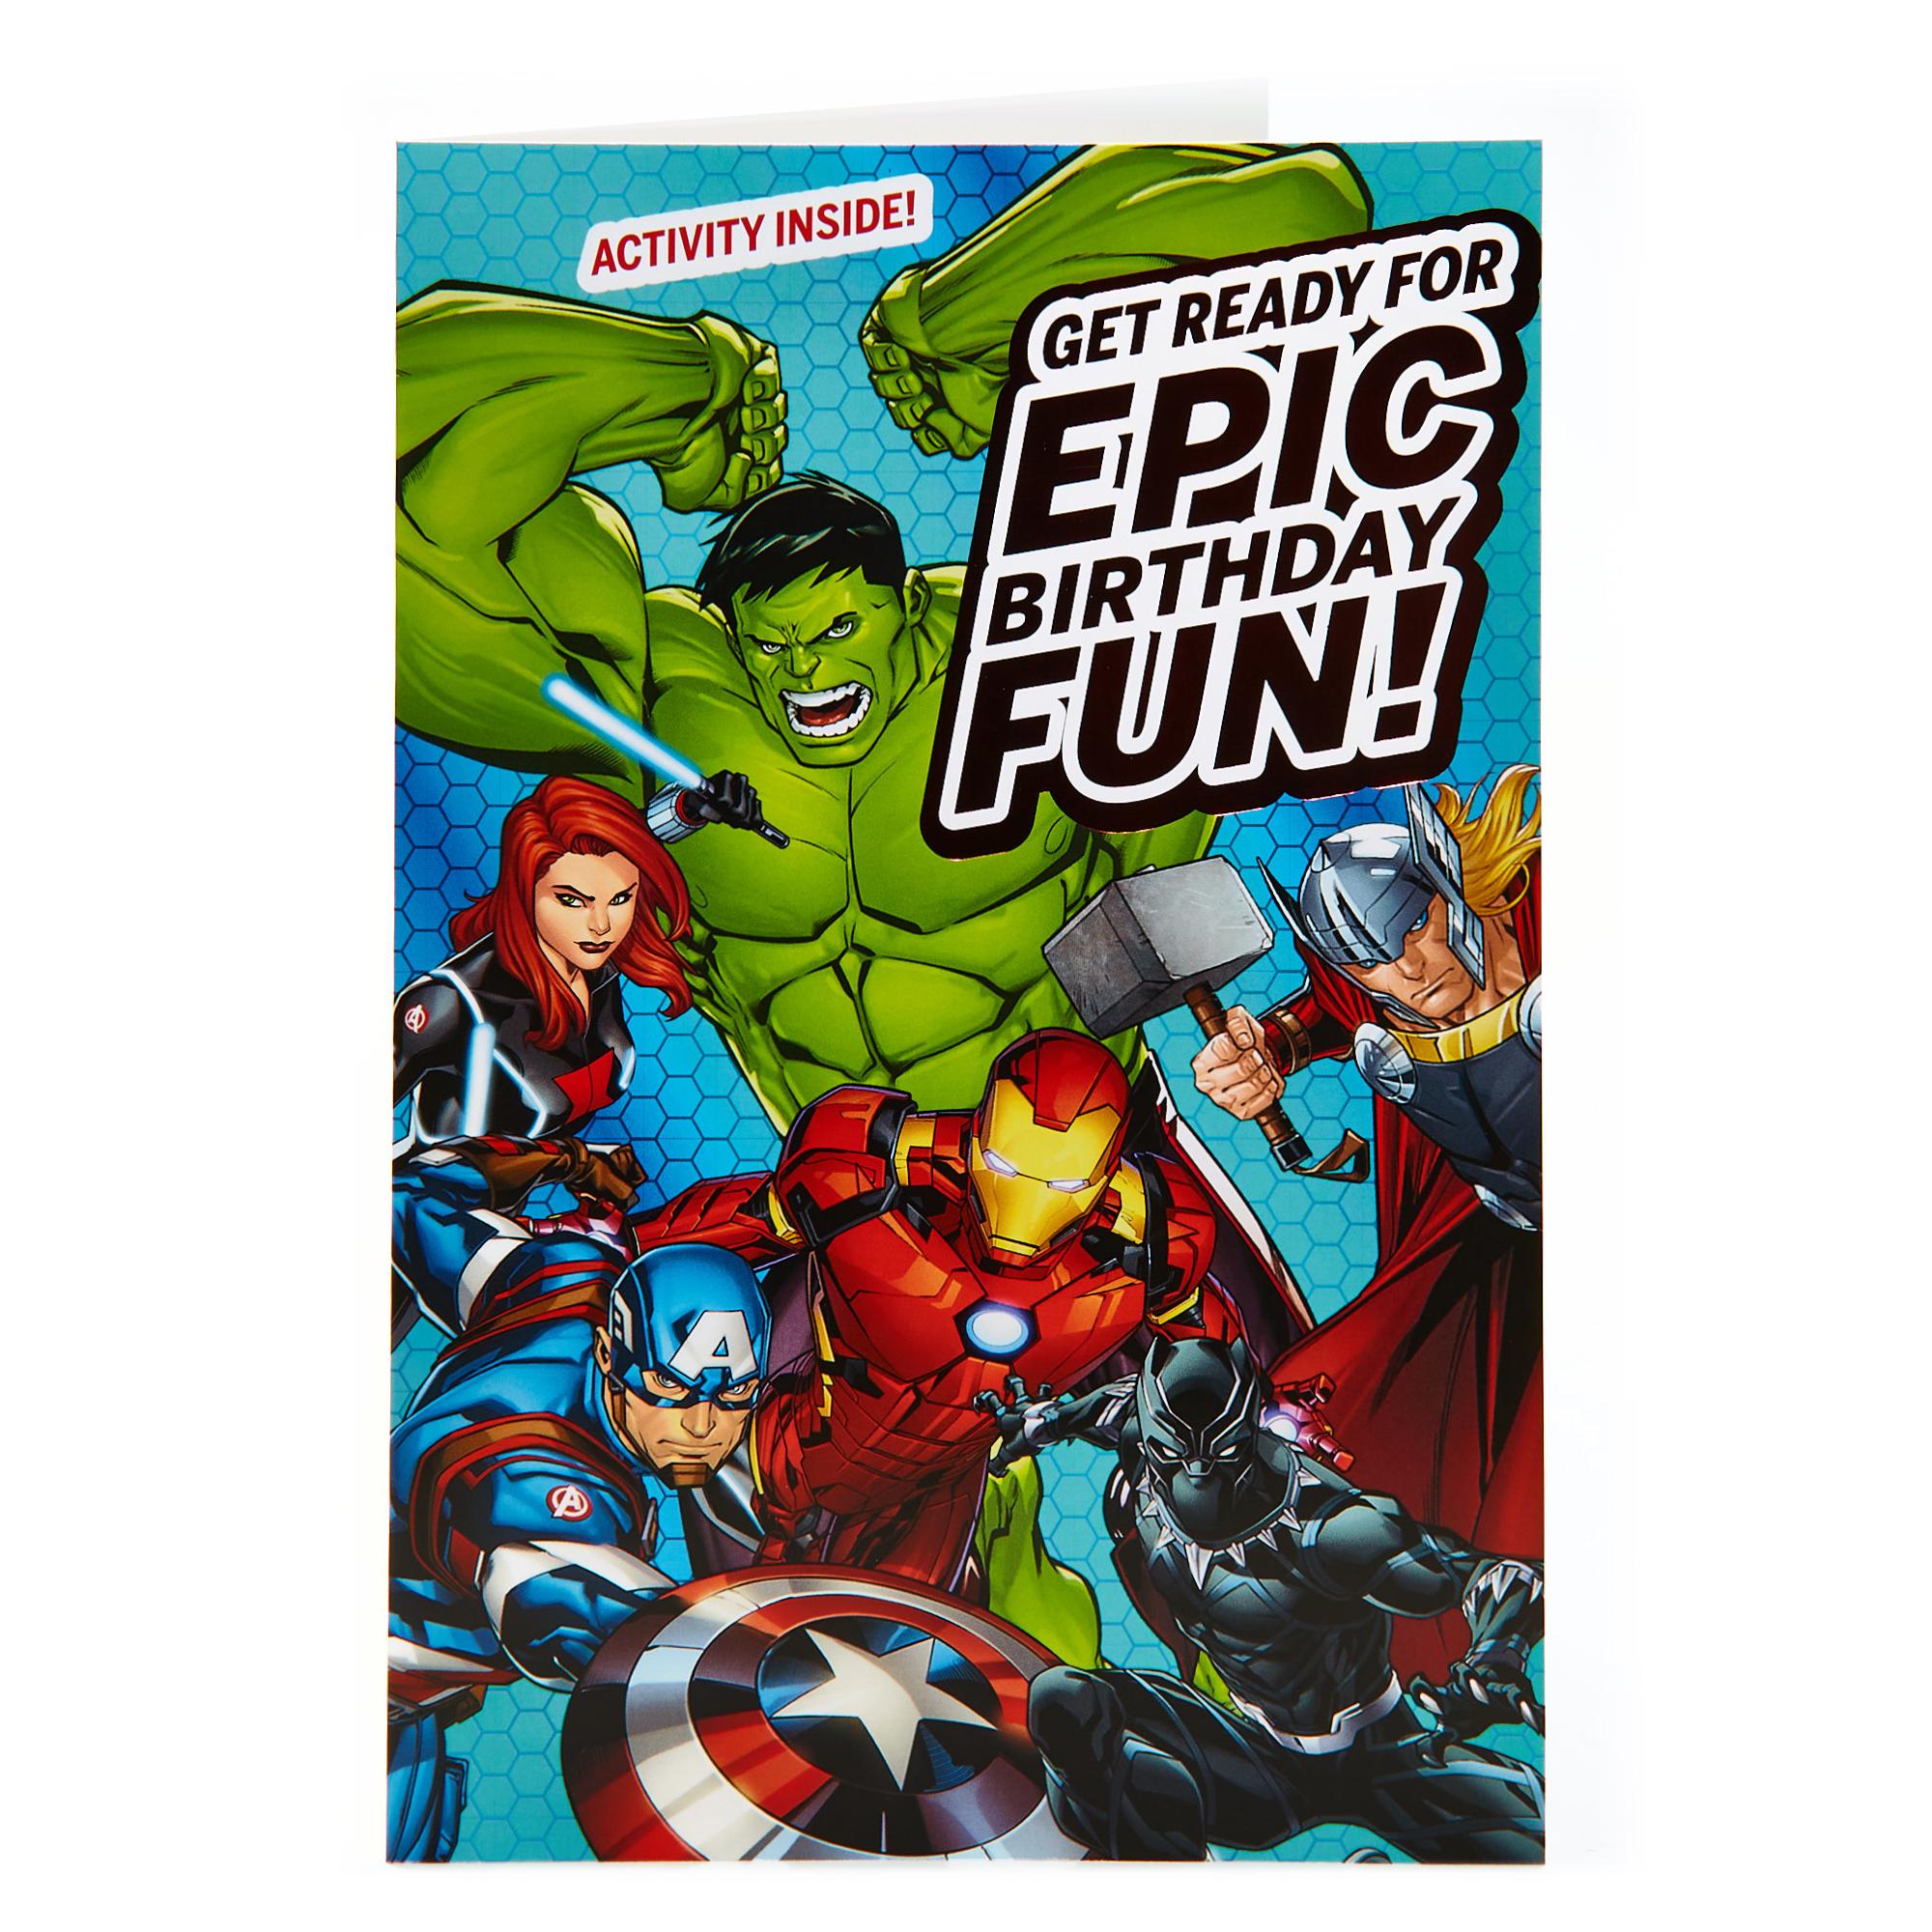 Buy Marvel Avengers Birthday Card - Activity Inside for ...